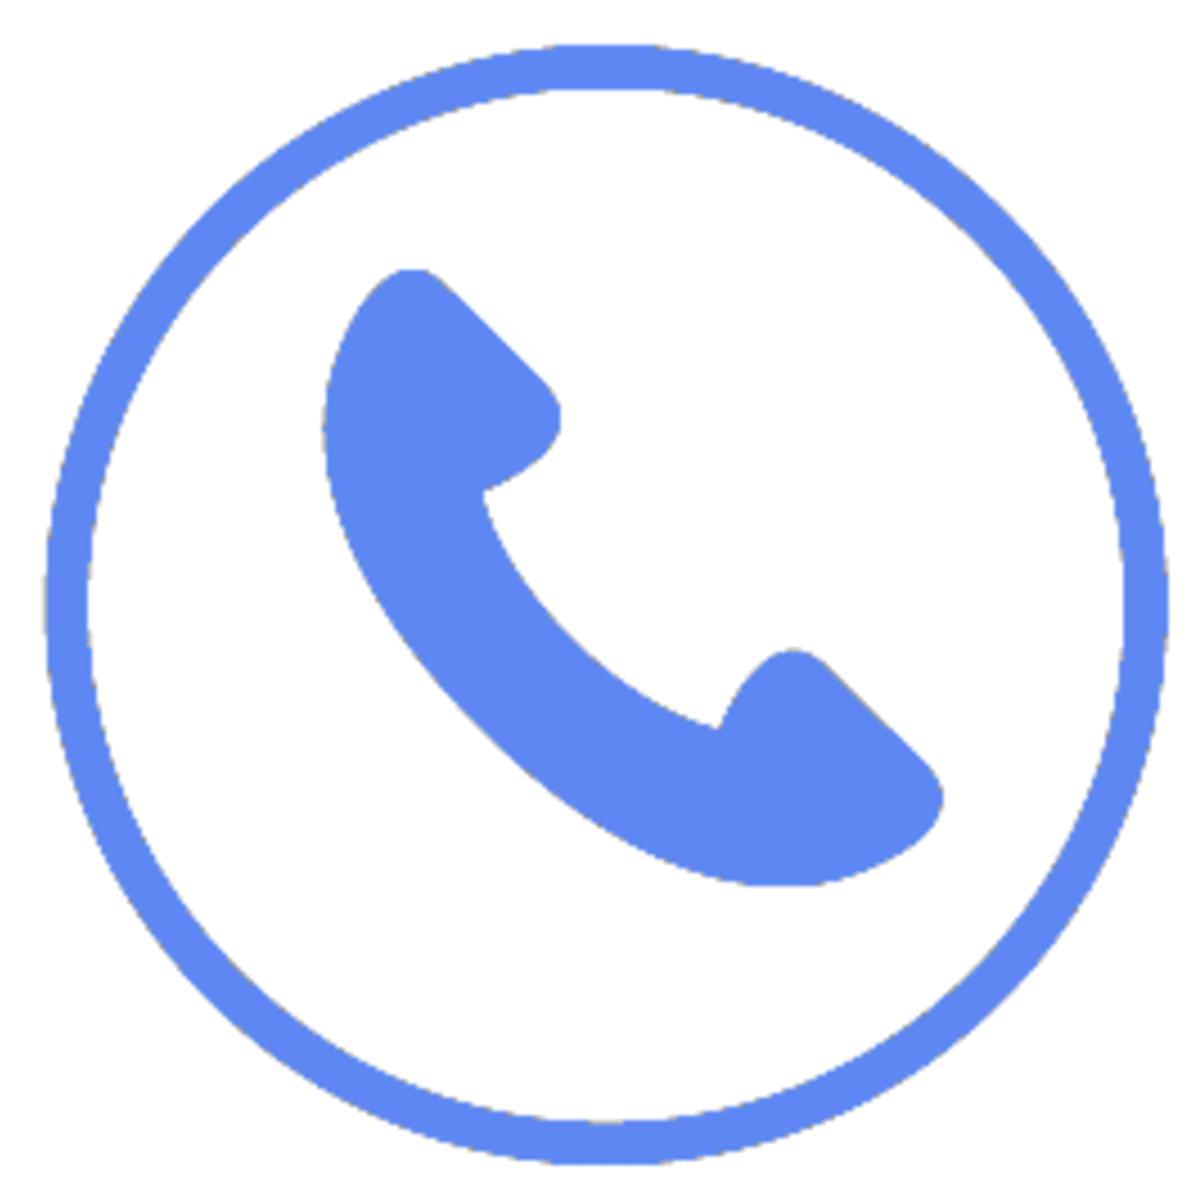 電話のロゴ